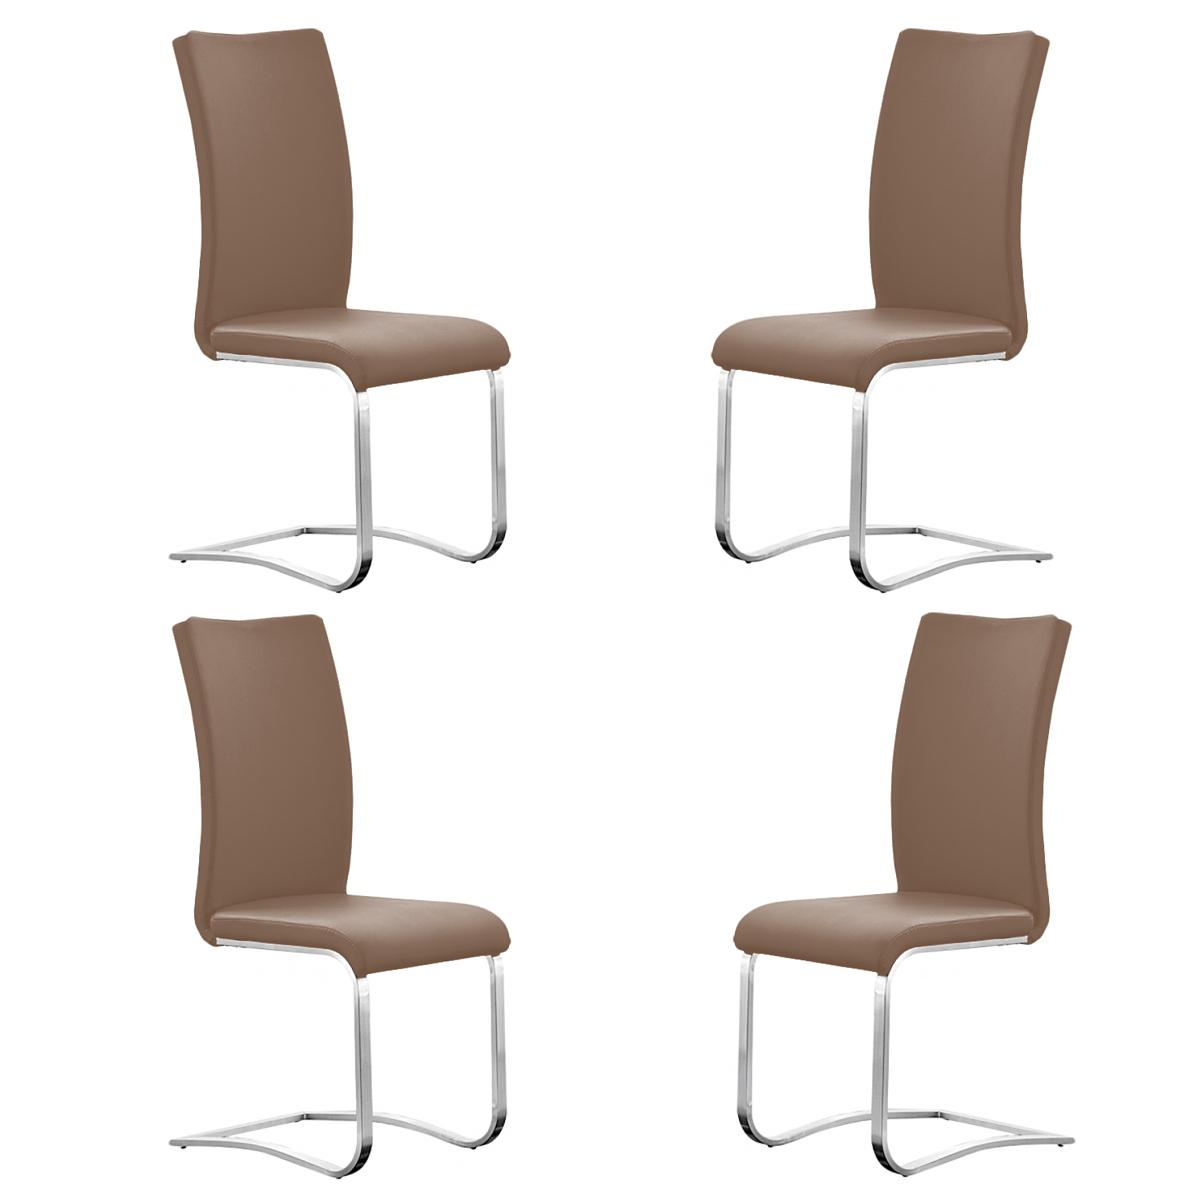 stuhl arco 4er set freischwinger st hle in cappuccino und edelstahl ebay. Black Bedroom Furniture Sets. Home Design Ideas